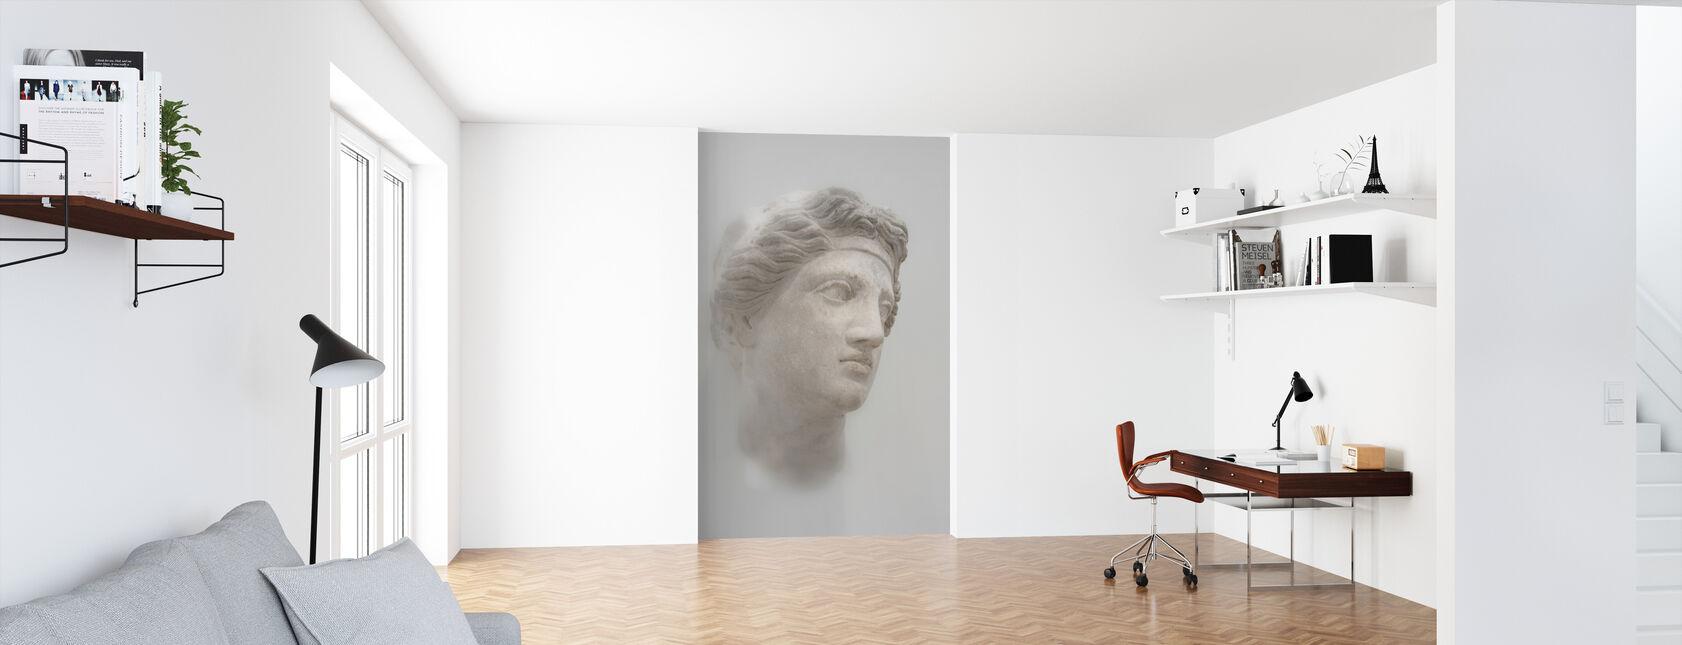 Greek Female Bust - Wallpaper - Office